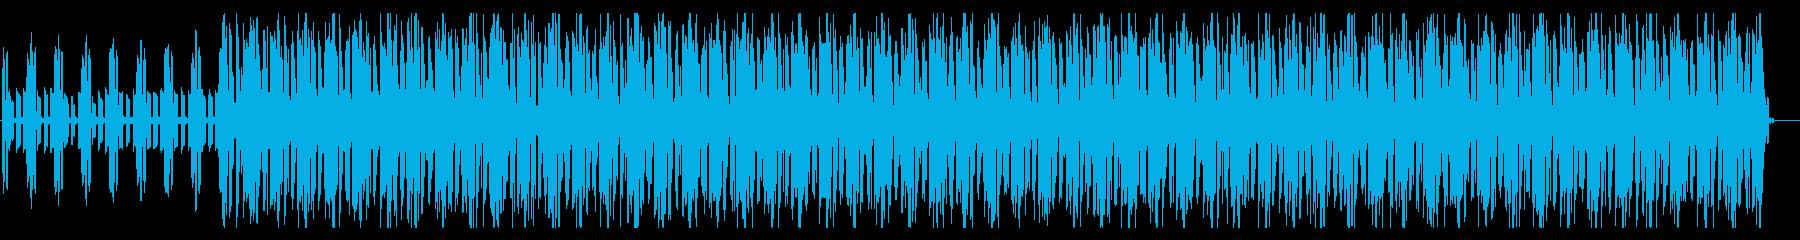 スローテンポでまったりとした曲調のEDMの再生済みの波形